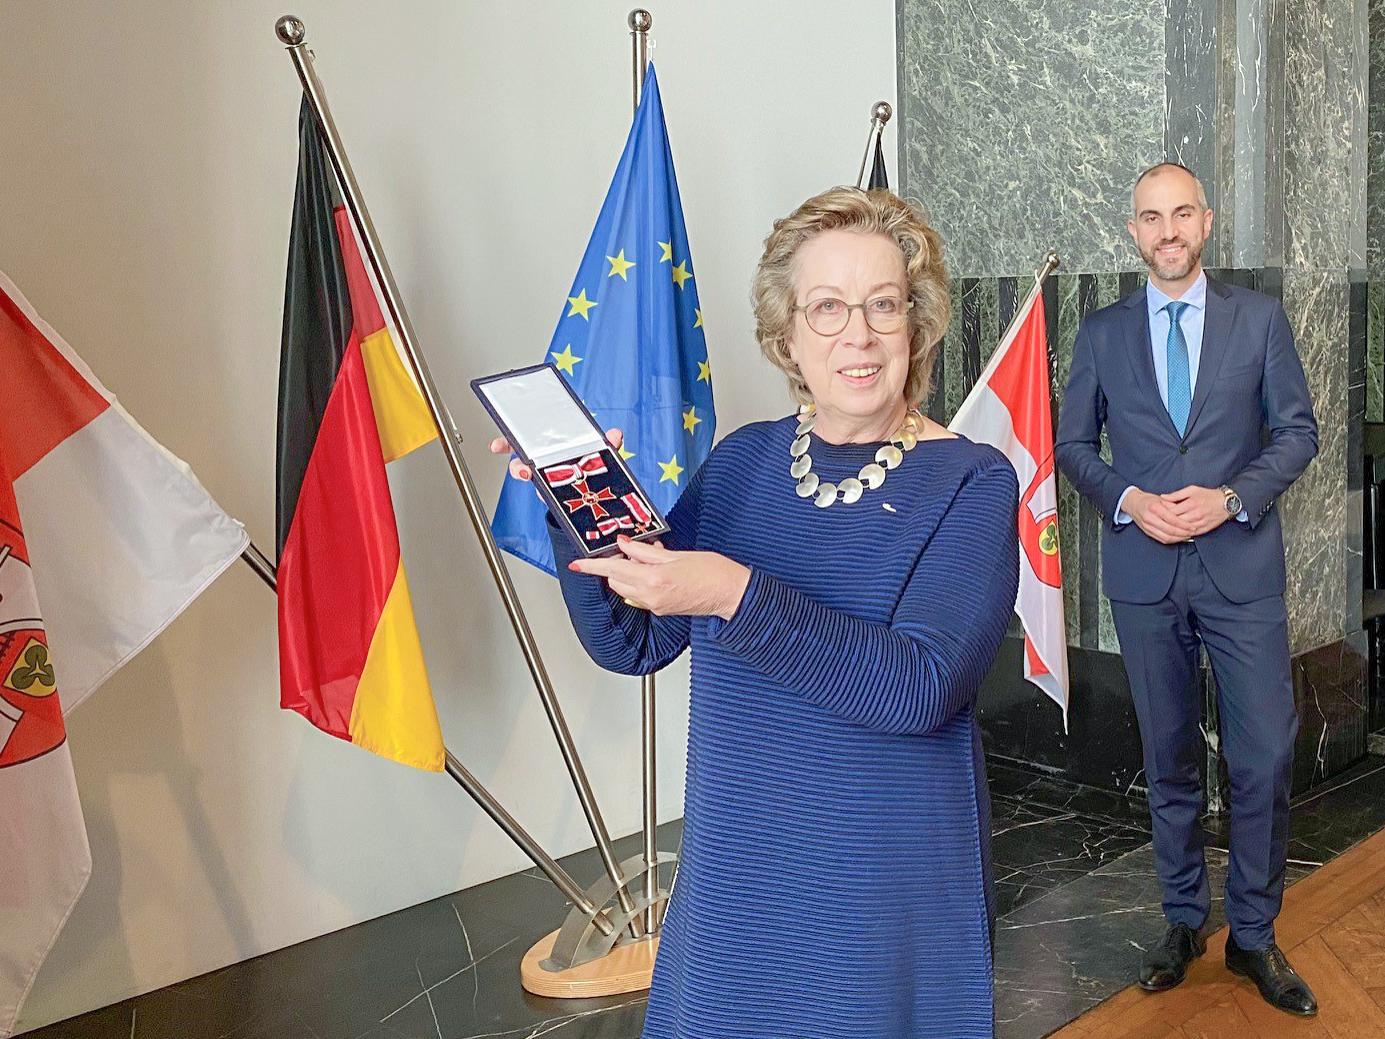 Mechthild Schramme-Haack und Oberbürgermeister Belit Onay in einem Saal. Frau Schramme-Haack hält den Verdienstorden. Im Hintergrund vier Flaggen.